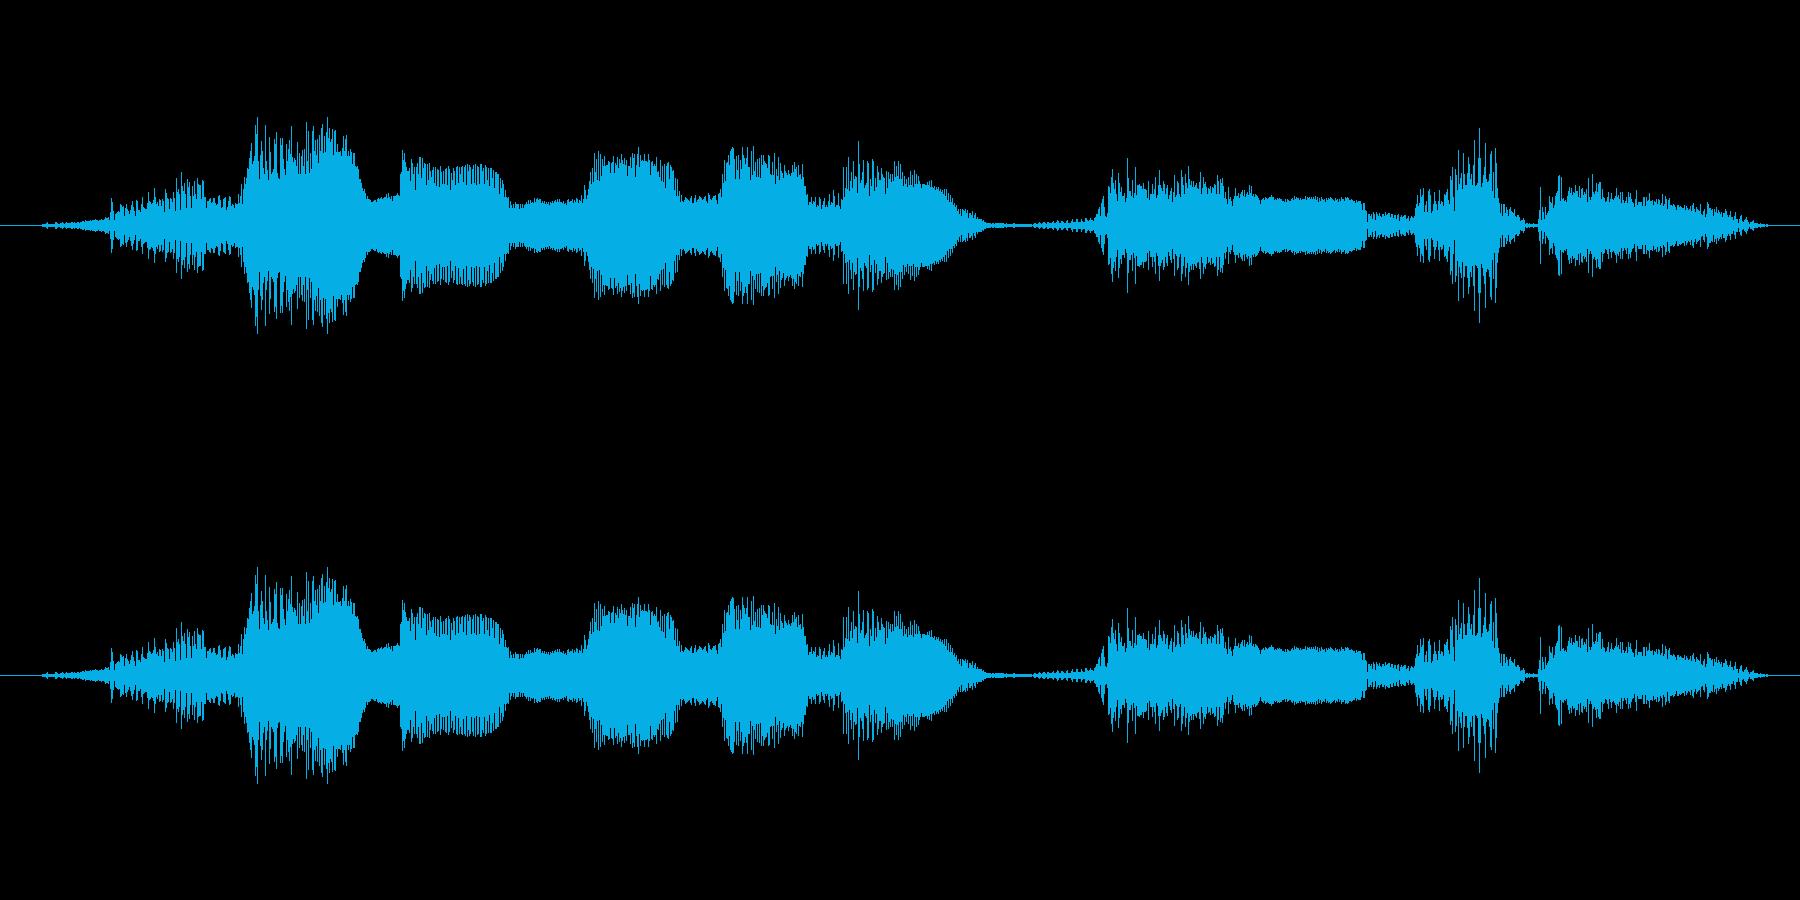 「馬の耳に念仏」ことわざ 力強い男性声の再生済みの波形